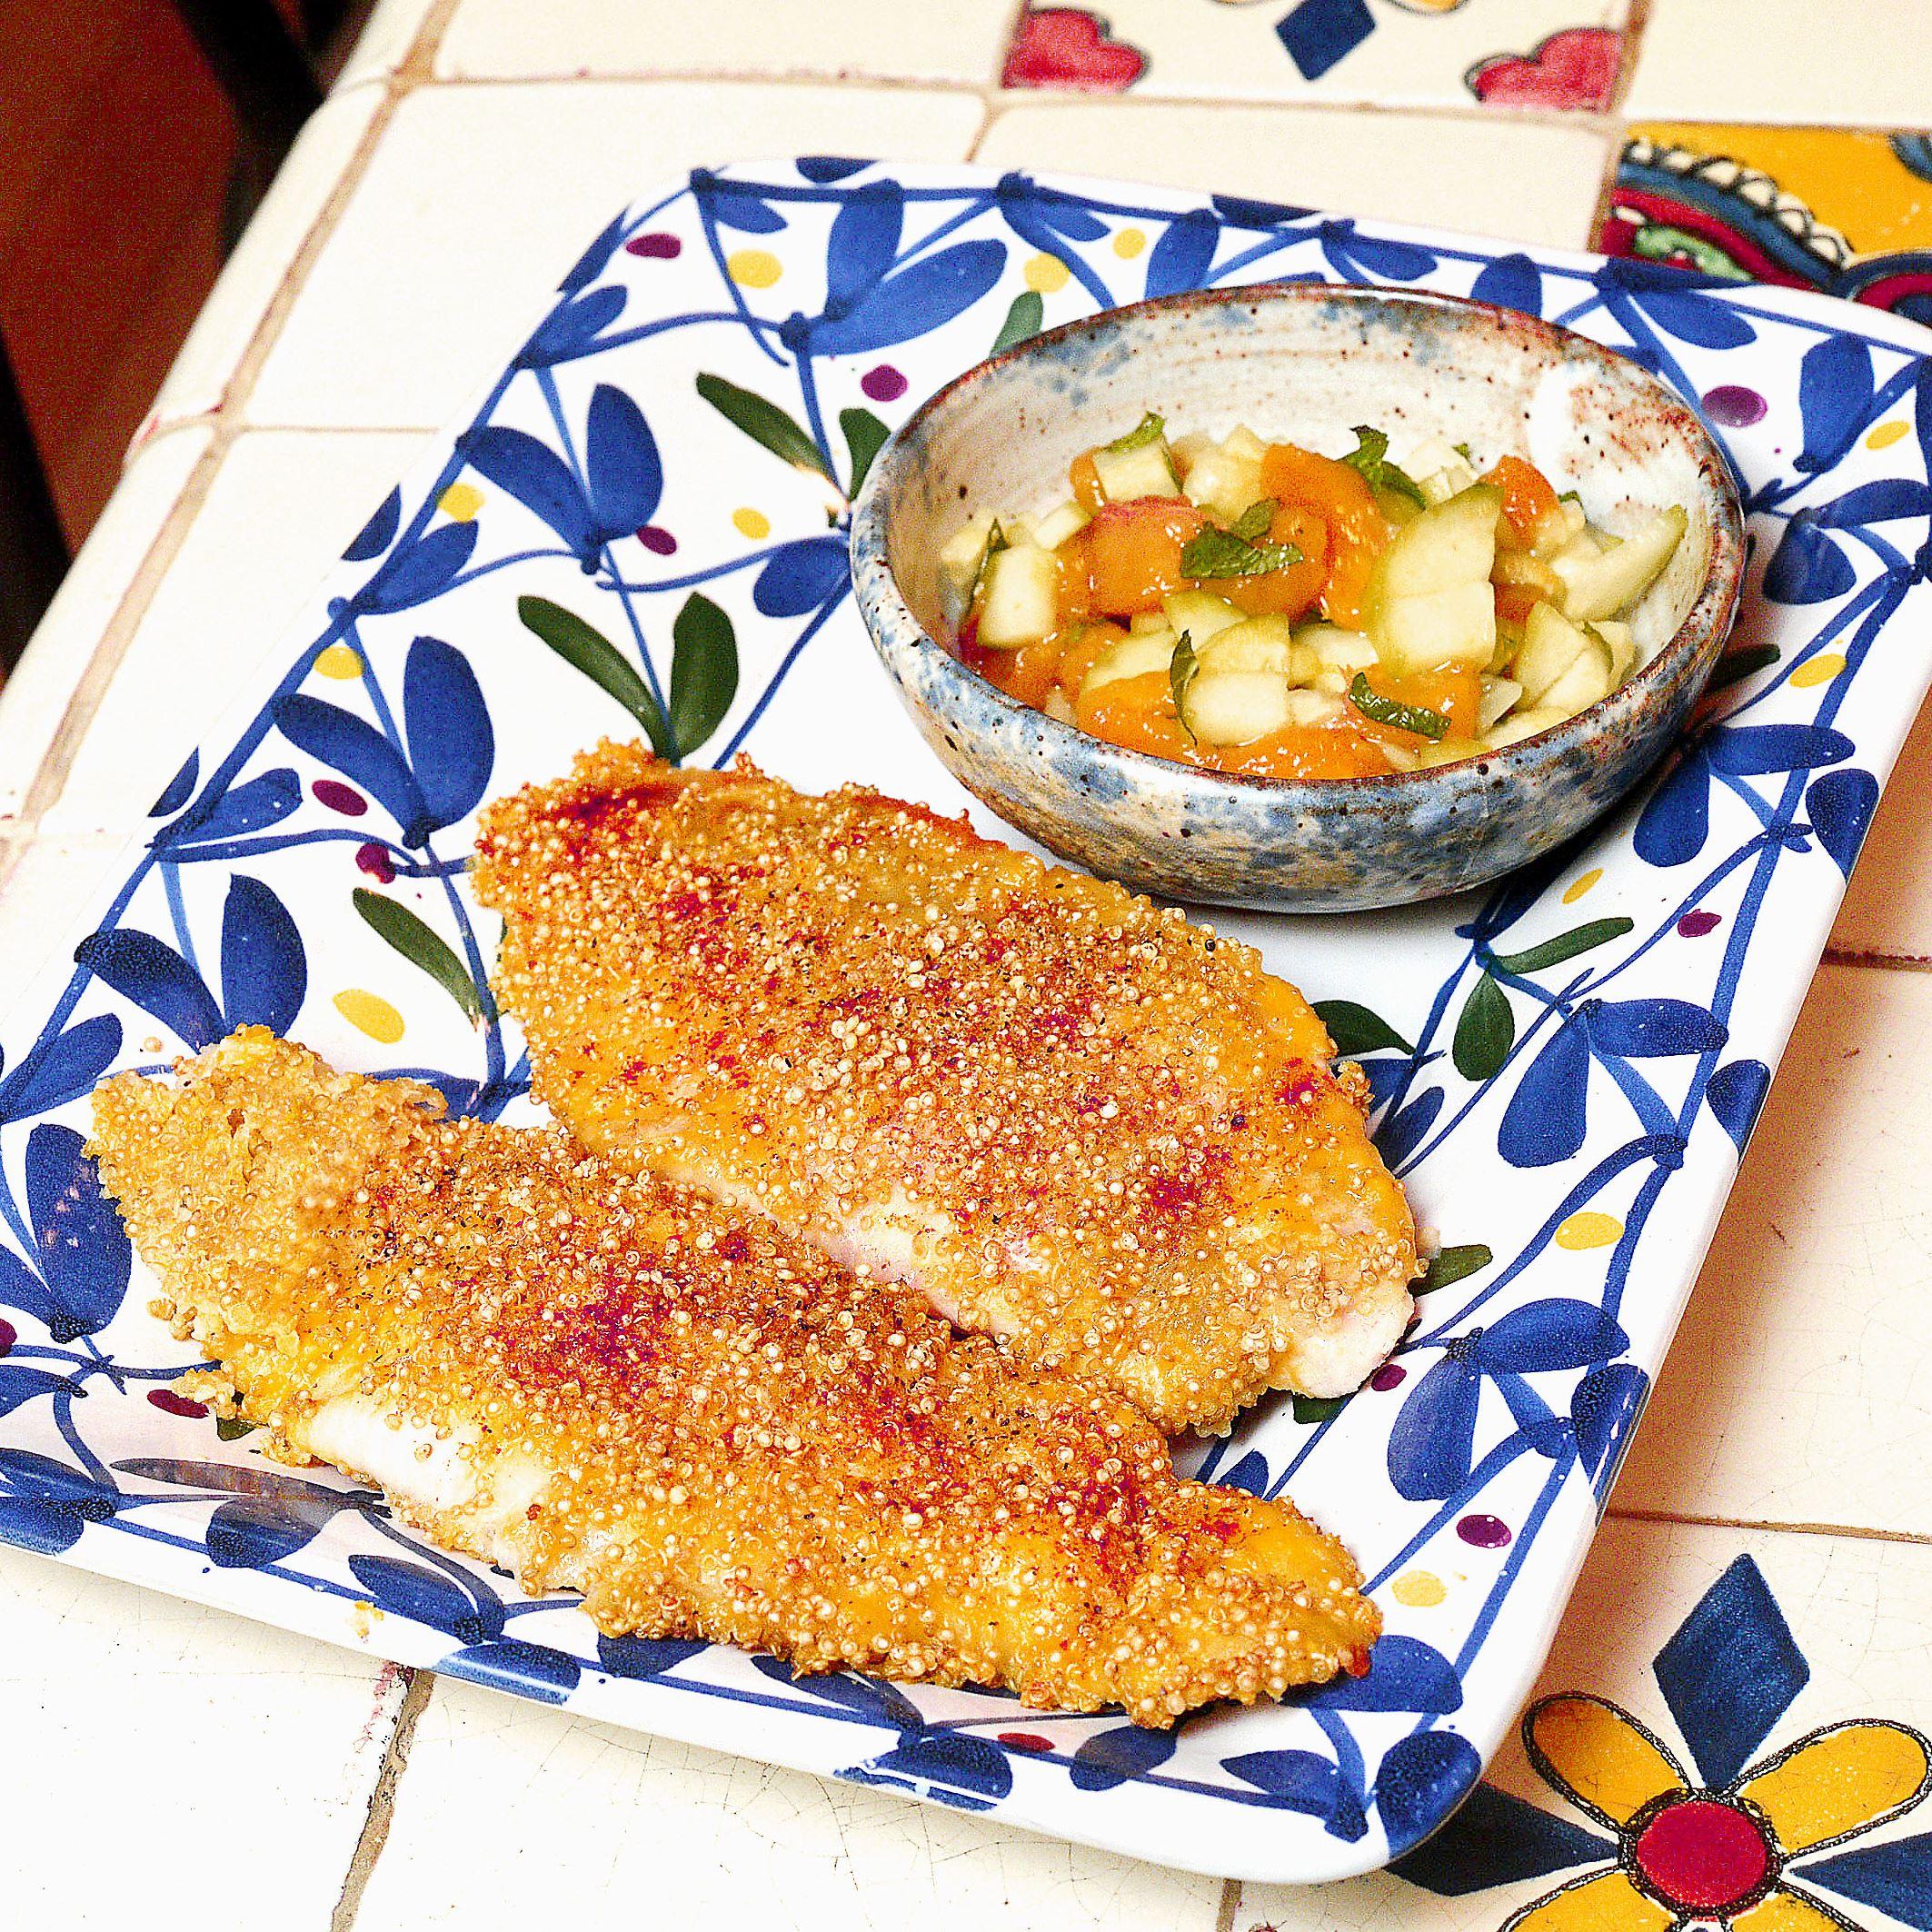 20151231lrquinoacatfishfood01-2 Quinoa Crusted Catfish.